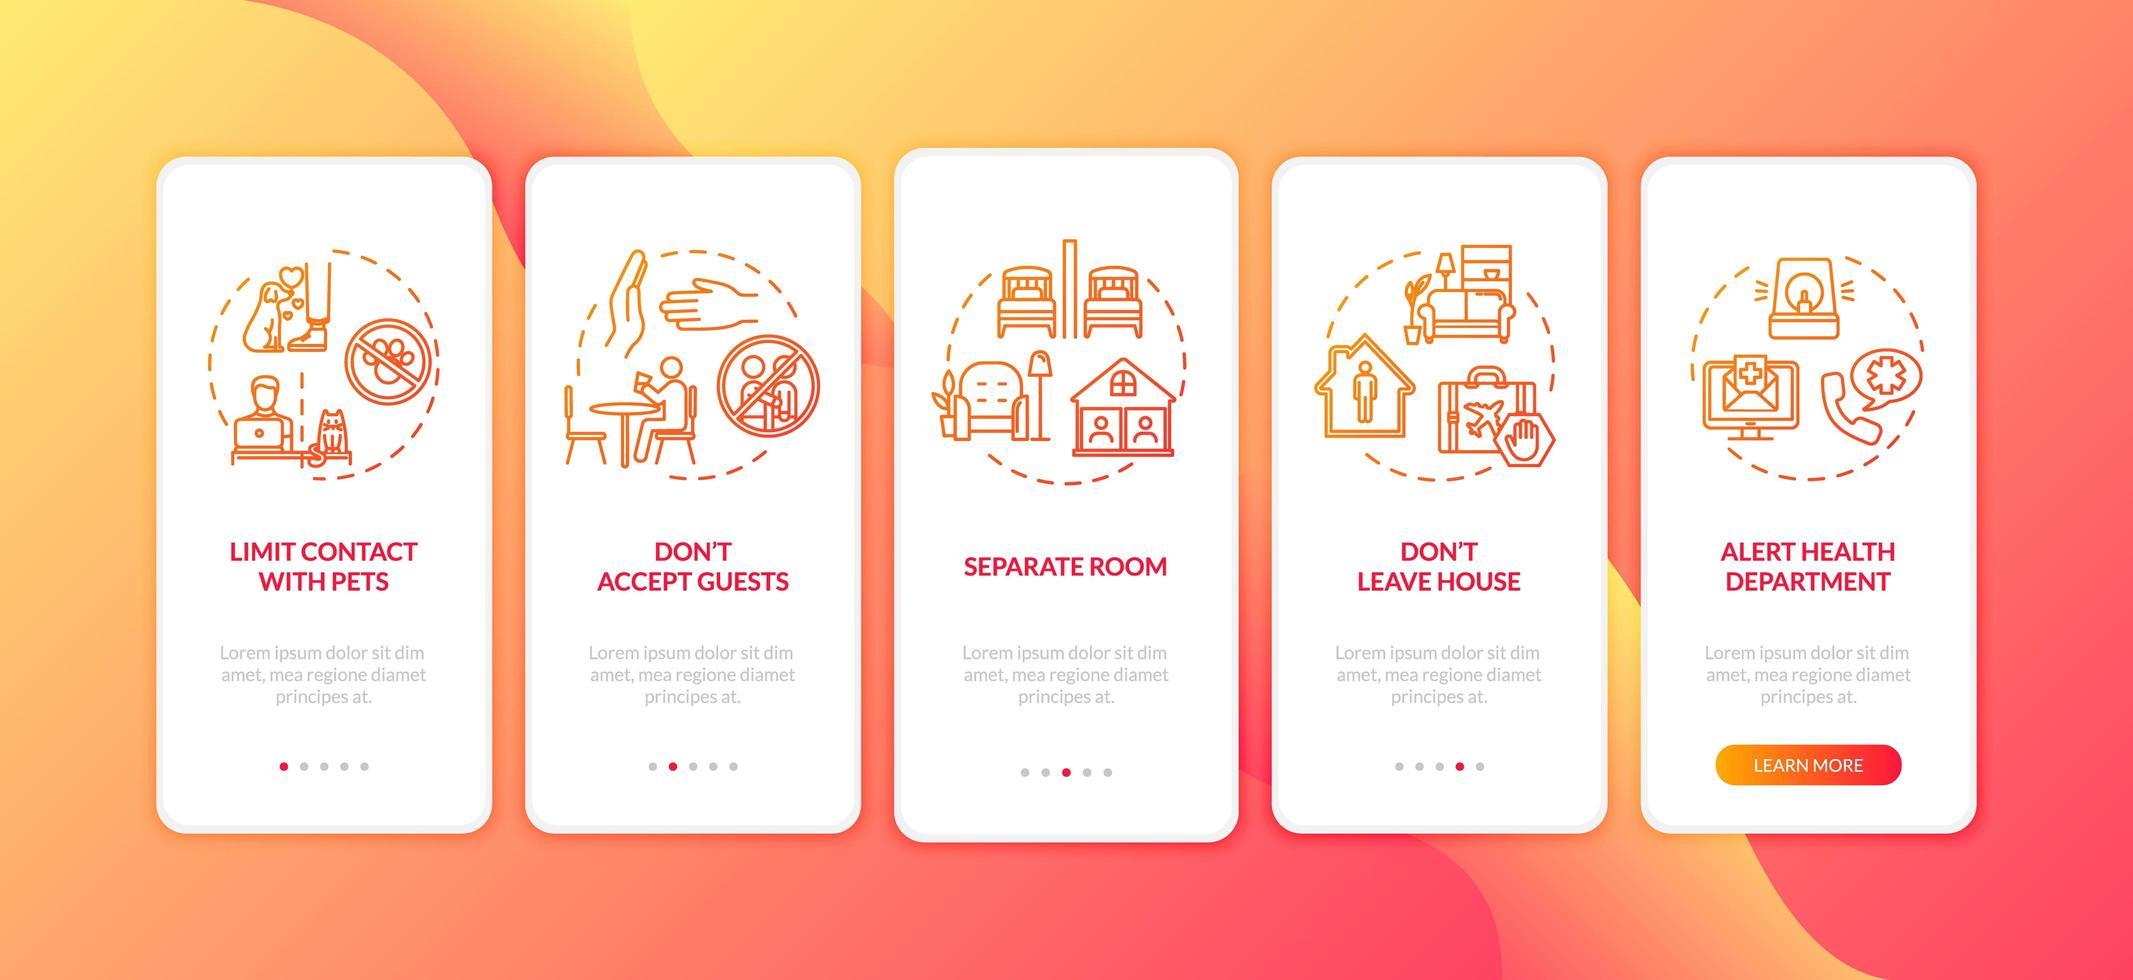 Tipps zur Selbstisolierung und Hygiene beim Onboarding der mobilen App vektor